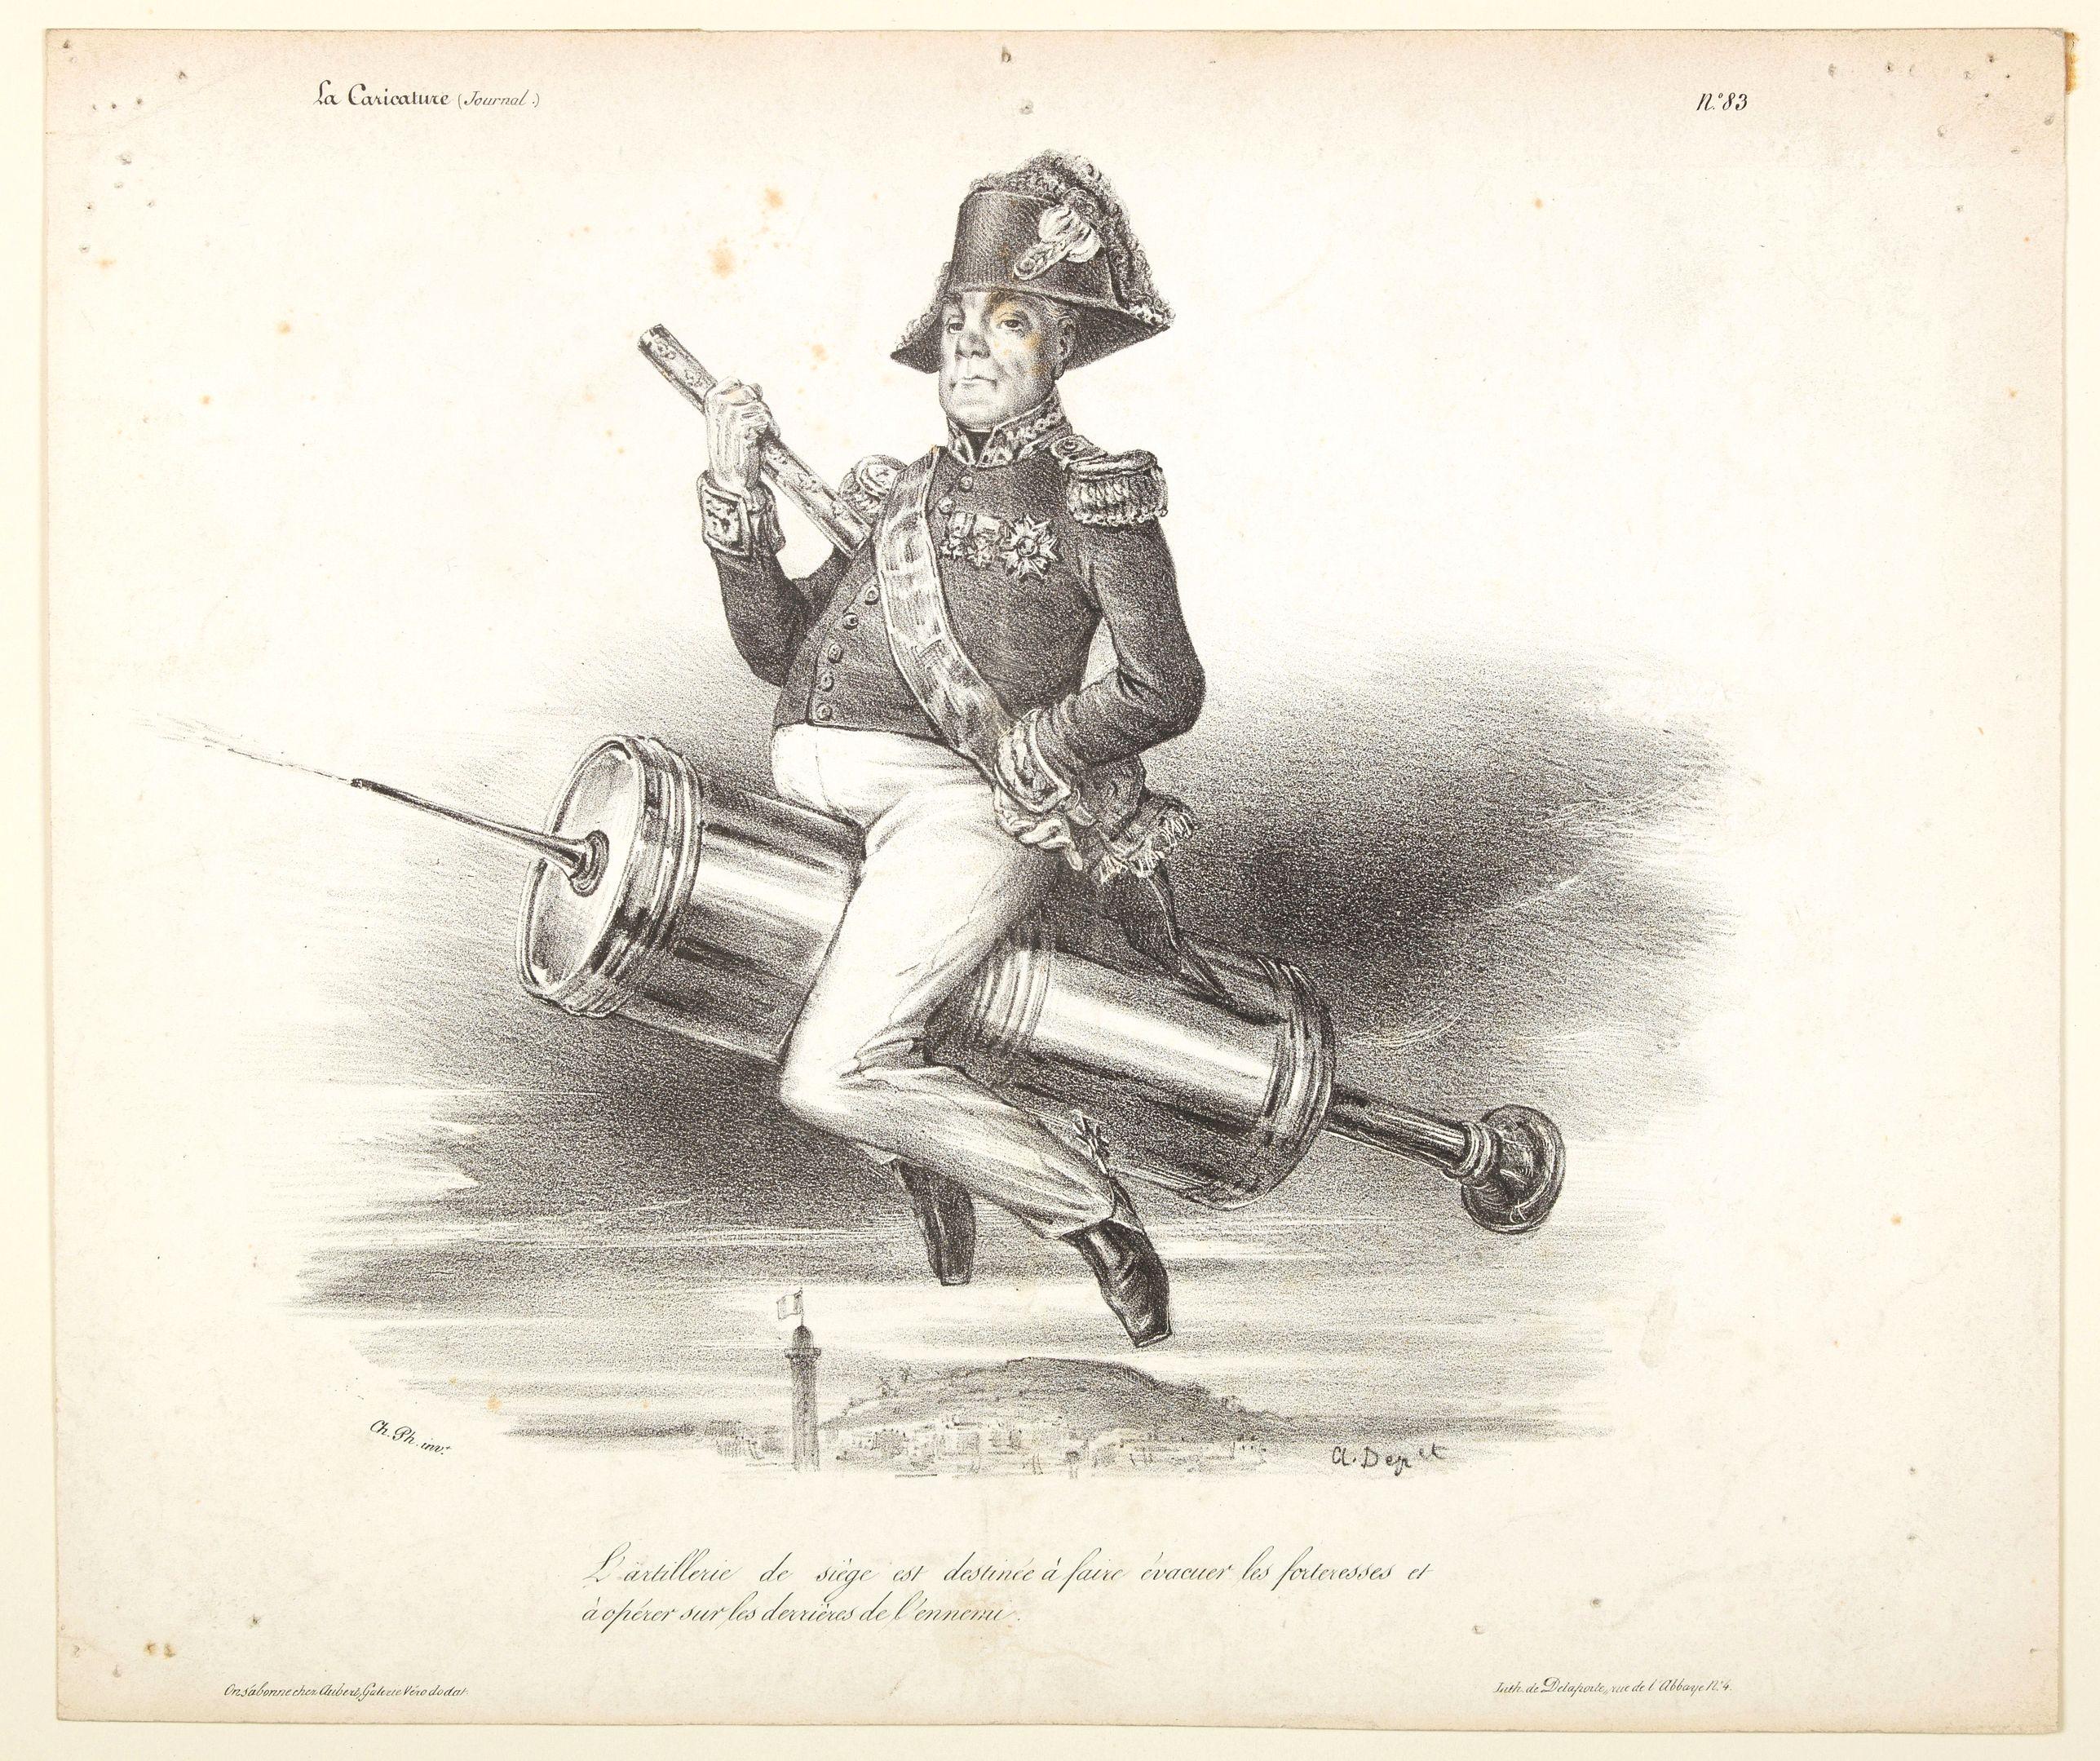 DEPERRET, A. -  L'Artilleur de siege est destinee a faire evacuer les fortresses et a operer sur les derrieres de l'ennemi.